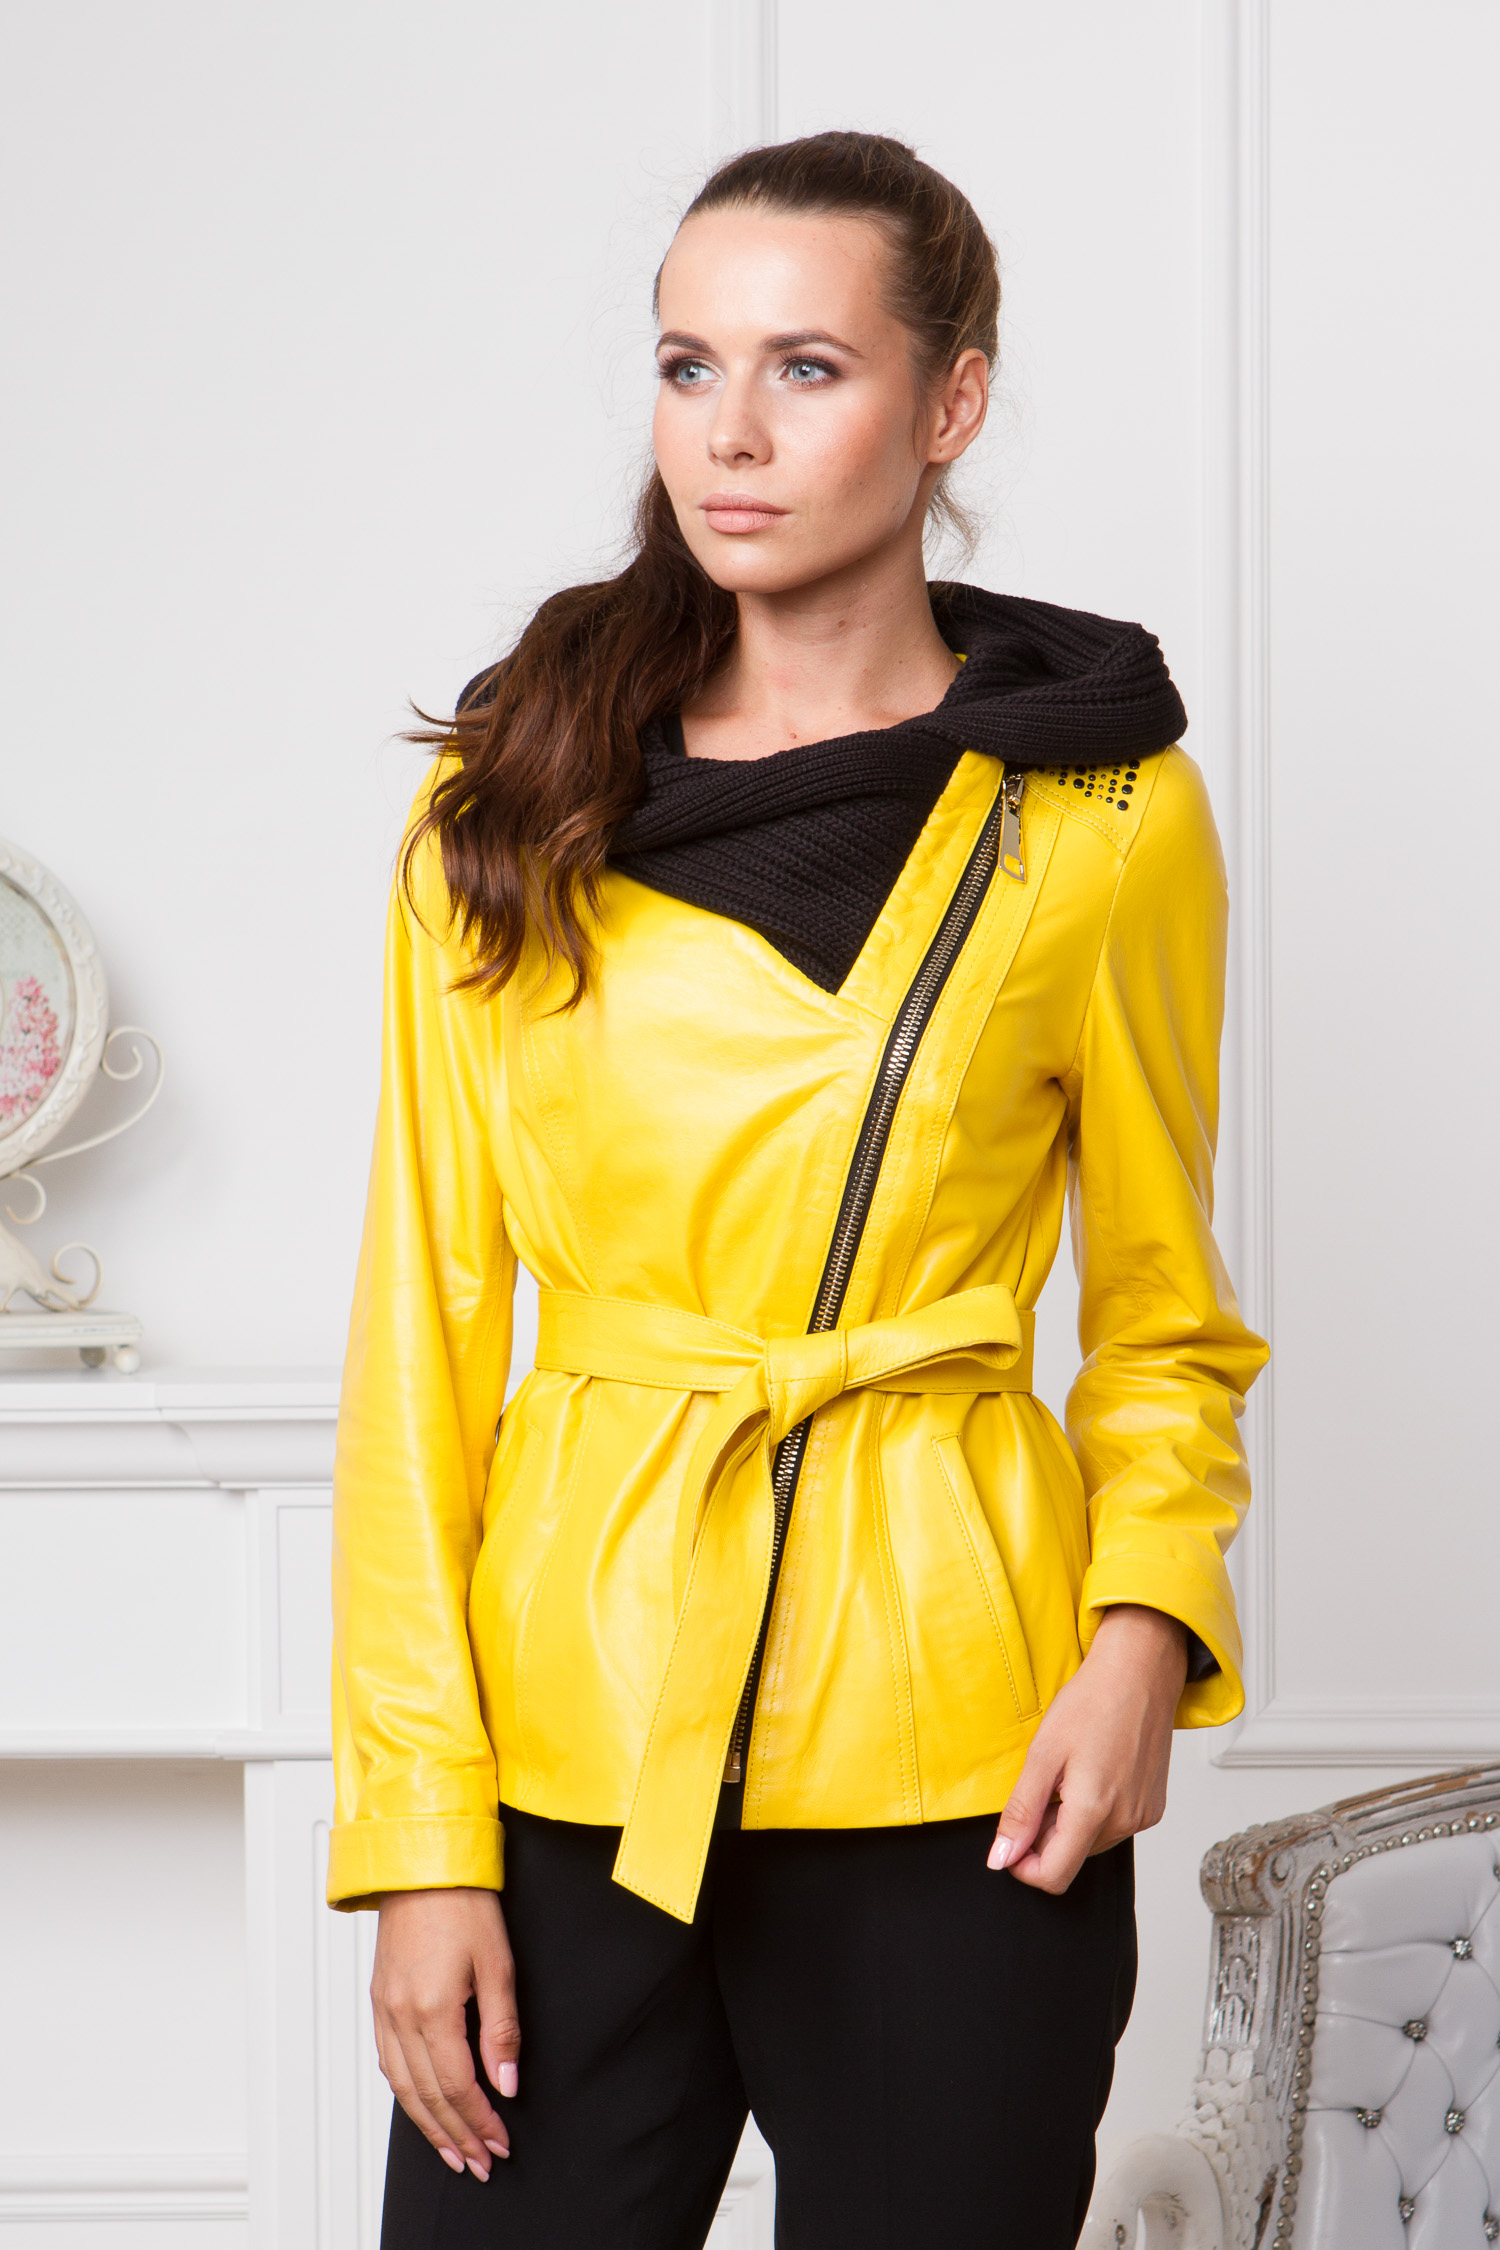 Женская кожаная куртка из натуральной кожи с капюшоном, без отделкиЦвет - лимонный.<br><br>Яркая куртка от Московской меховой компании выполнена из высококачественной натуральной кожи.<br><br>Благодаря оригинальному дизайну, модель станет незаменимой деталью гардероба поклонниц стилей casual или спорт-шик.<br><br>Главная деталь этой куртки - текстильный капюшон контрастного цвета. Объемные складки и структура ткани, визуально напоминают шарф.<br><br>Куртка застегивается на крупную ассиметричную молнию. Для дополнительного комфорта модель дополнена боковыми карманами и поясом. Завершают образ декоративные заклепки на плачах.<br><br>Воротник: капюшон<br>Длина см: Короткая (51-74 )<br>Материал: Кожа овчина<br>Цвет: желтый<br>Вид застежки: косая<br>Застежка: на молнии<br>Пол: Женский<br>Размер RU: 44